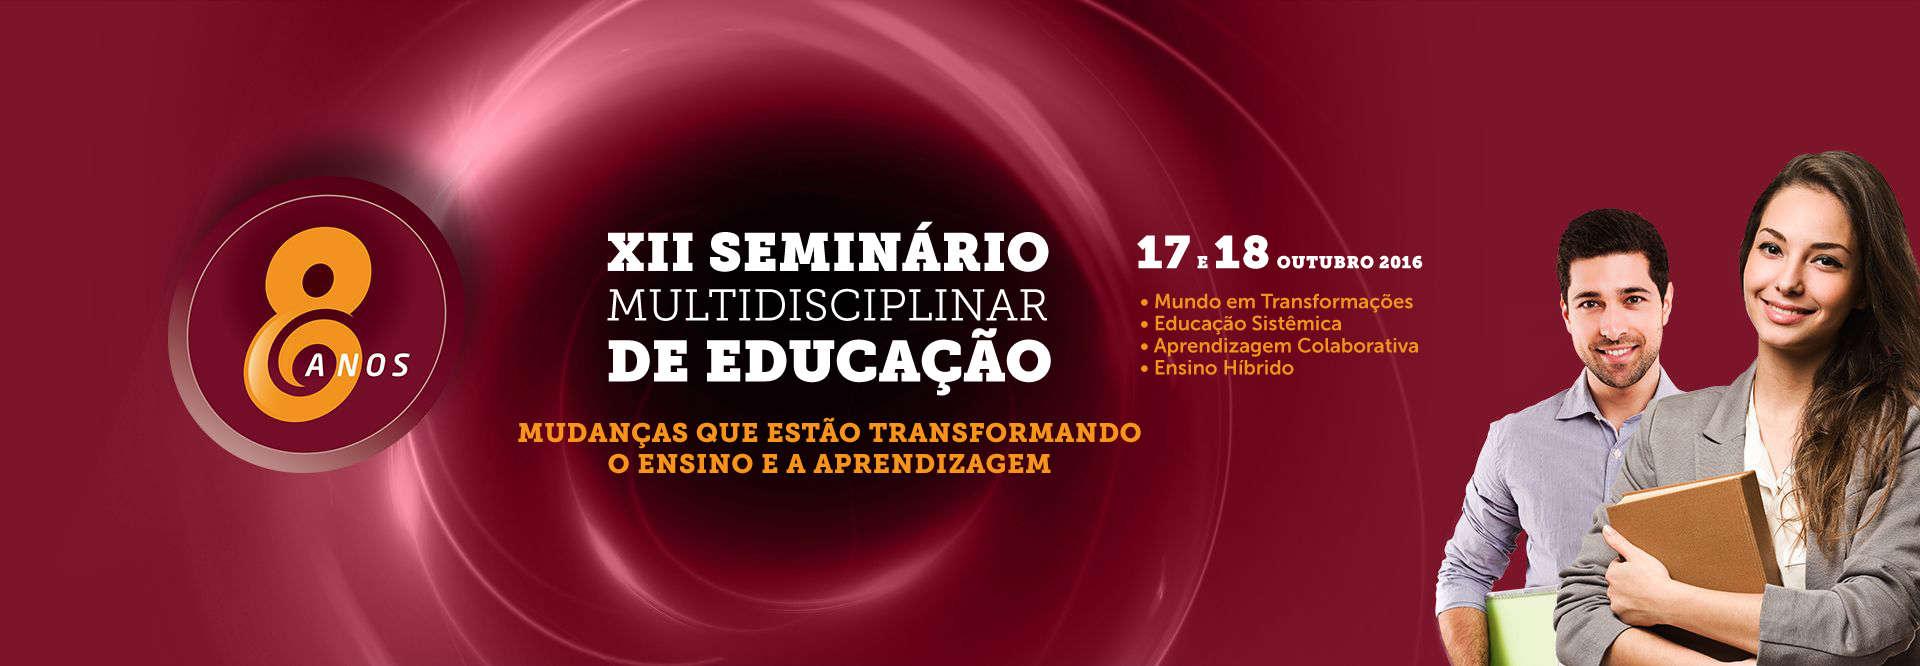 XII Seminário Multidisciplinar de Educação - 17 e 18 de outubro de 2016